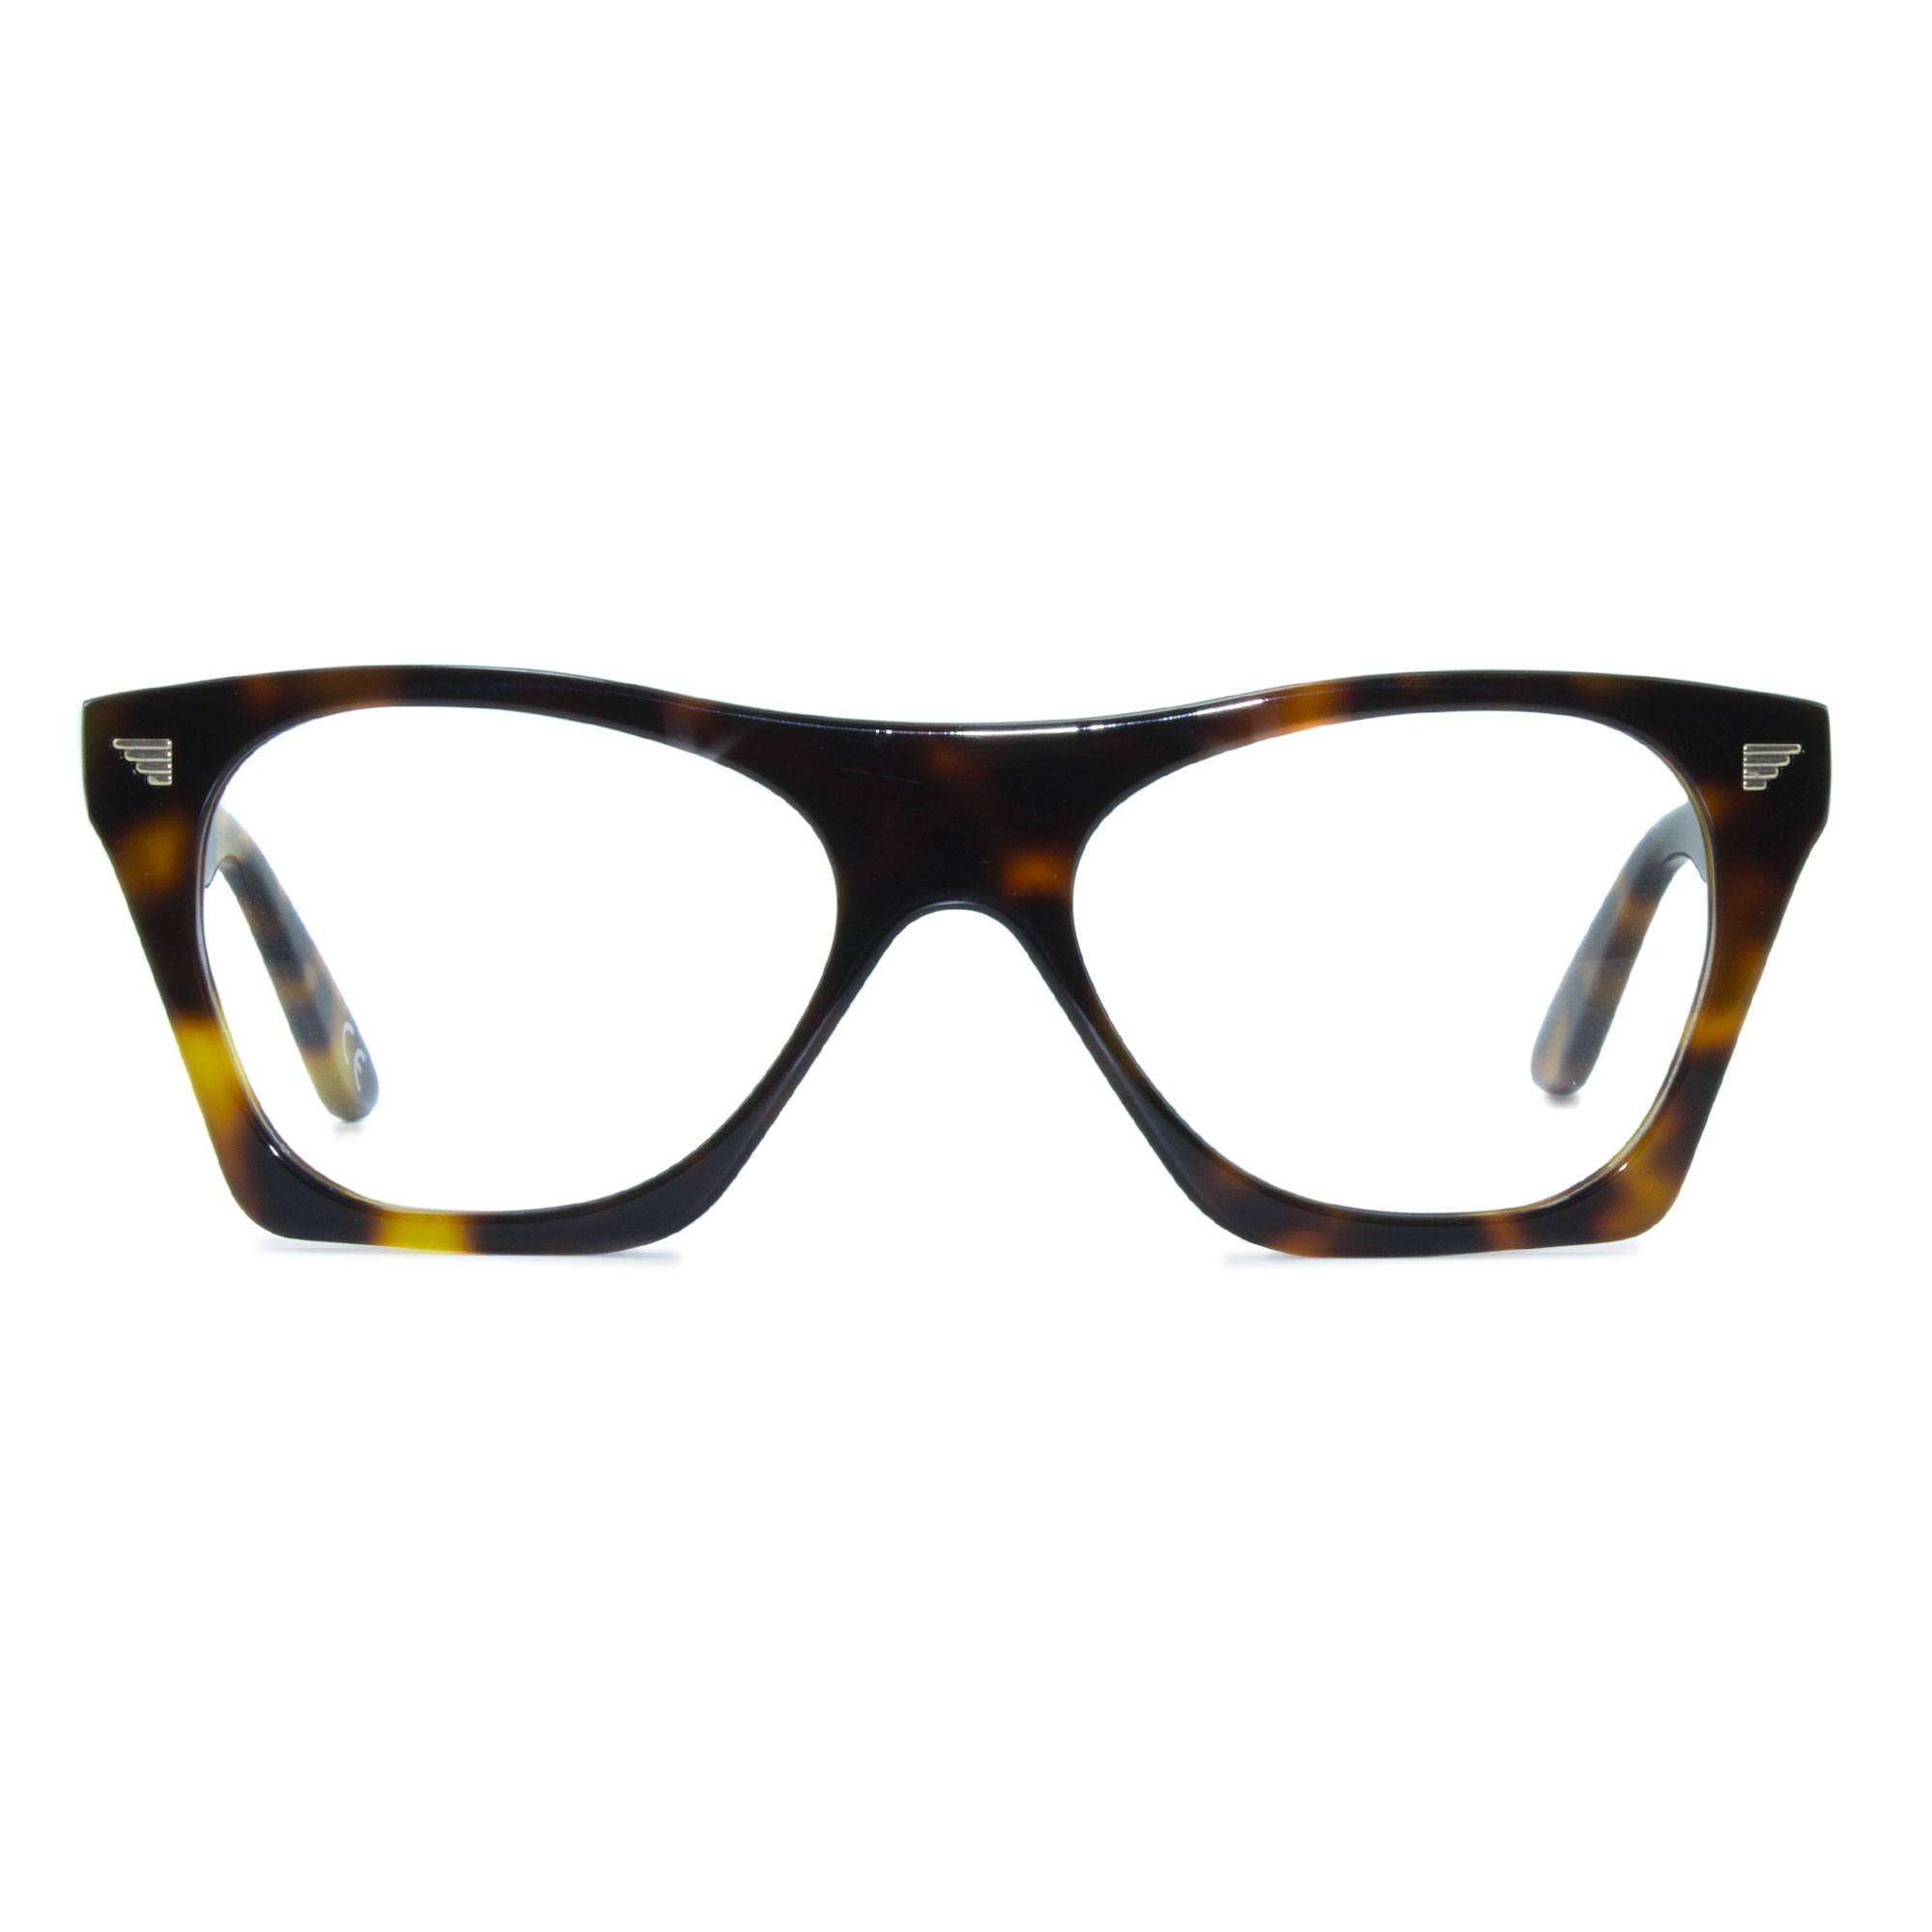 Joiuss oscar tortoiseshell glasses